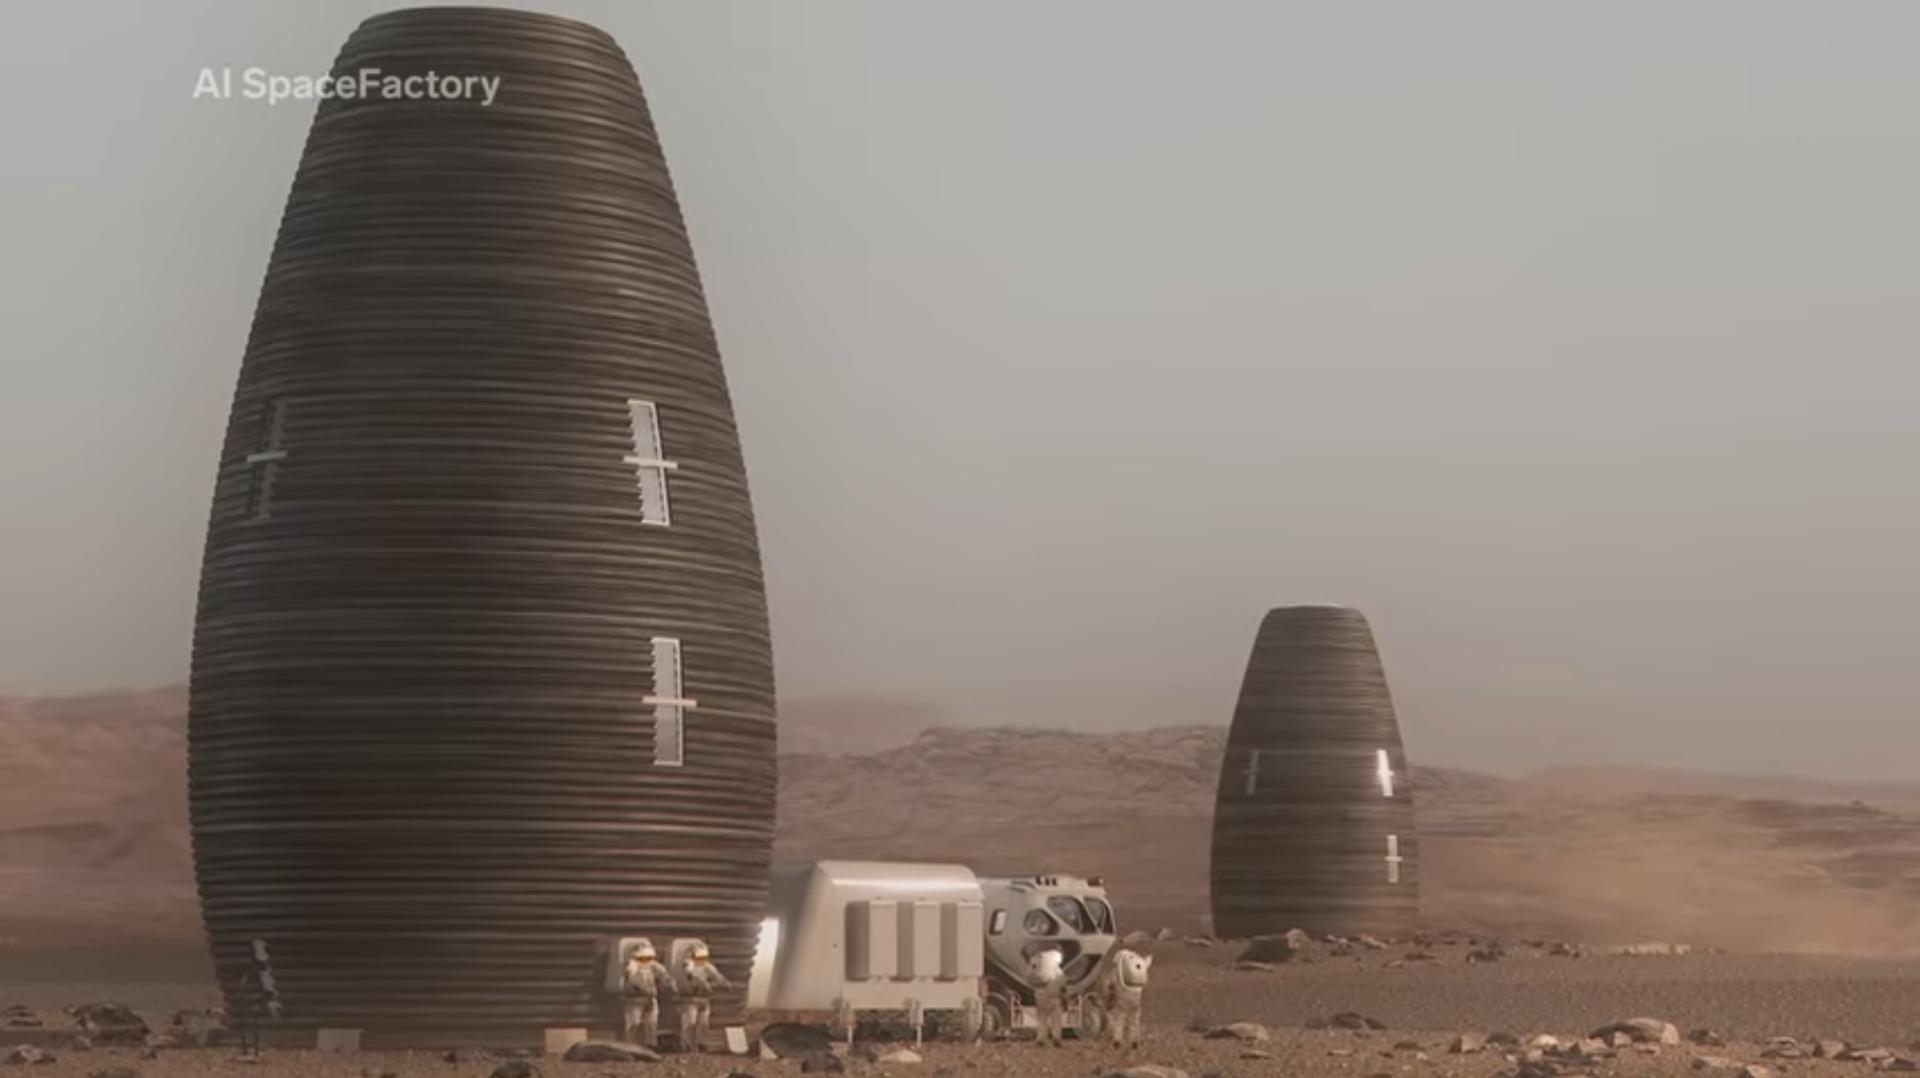 Le premier habitat pour MARS imprimé en 3D ressemblera peut-être à cela